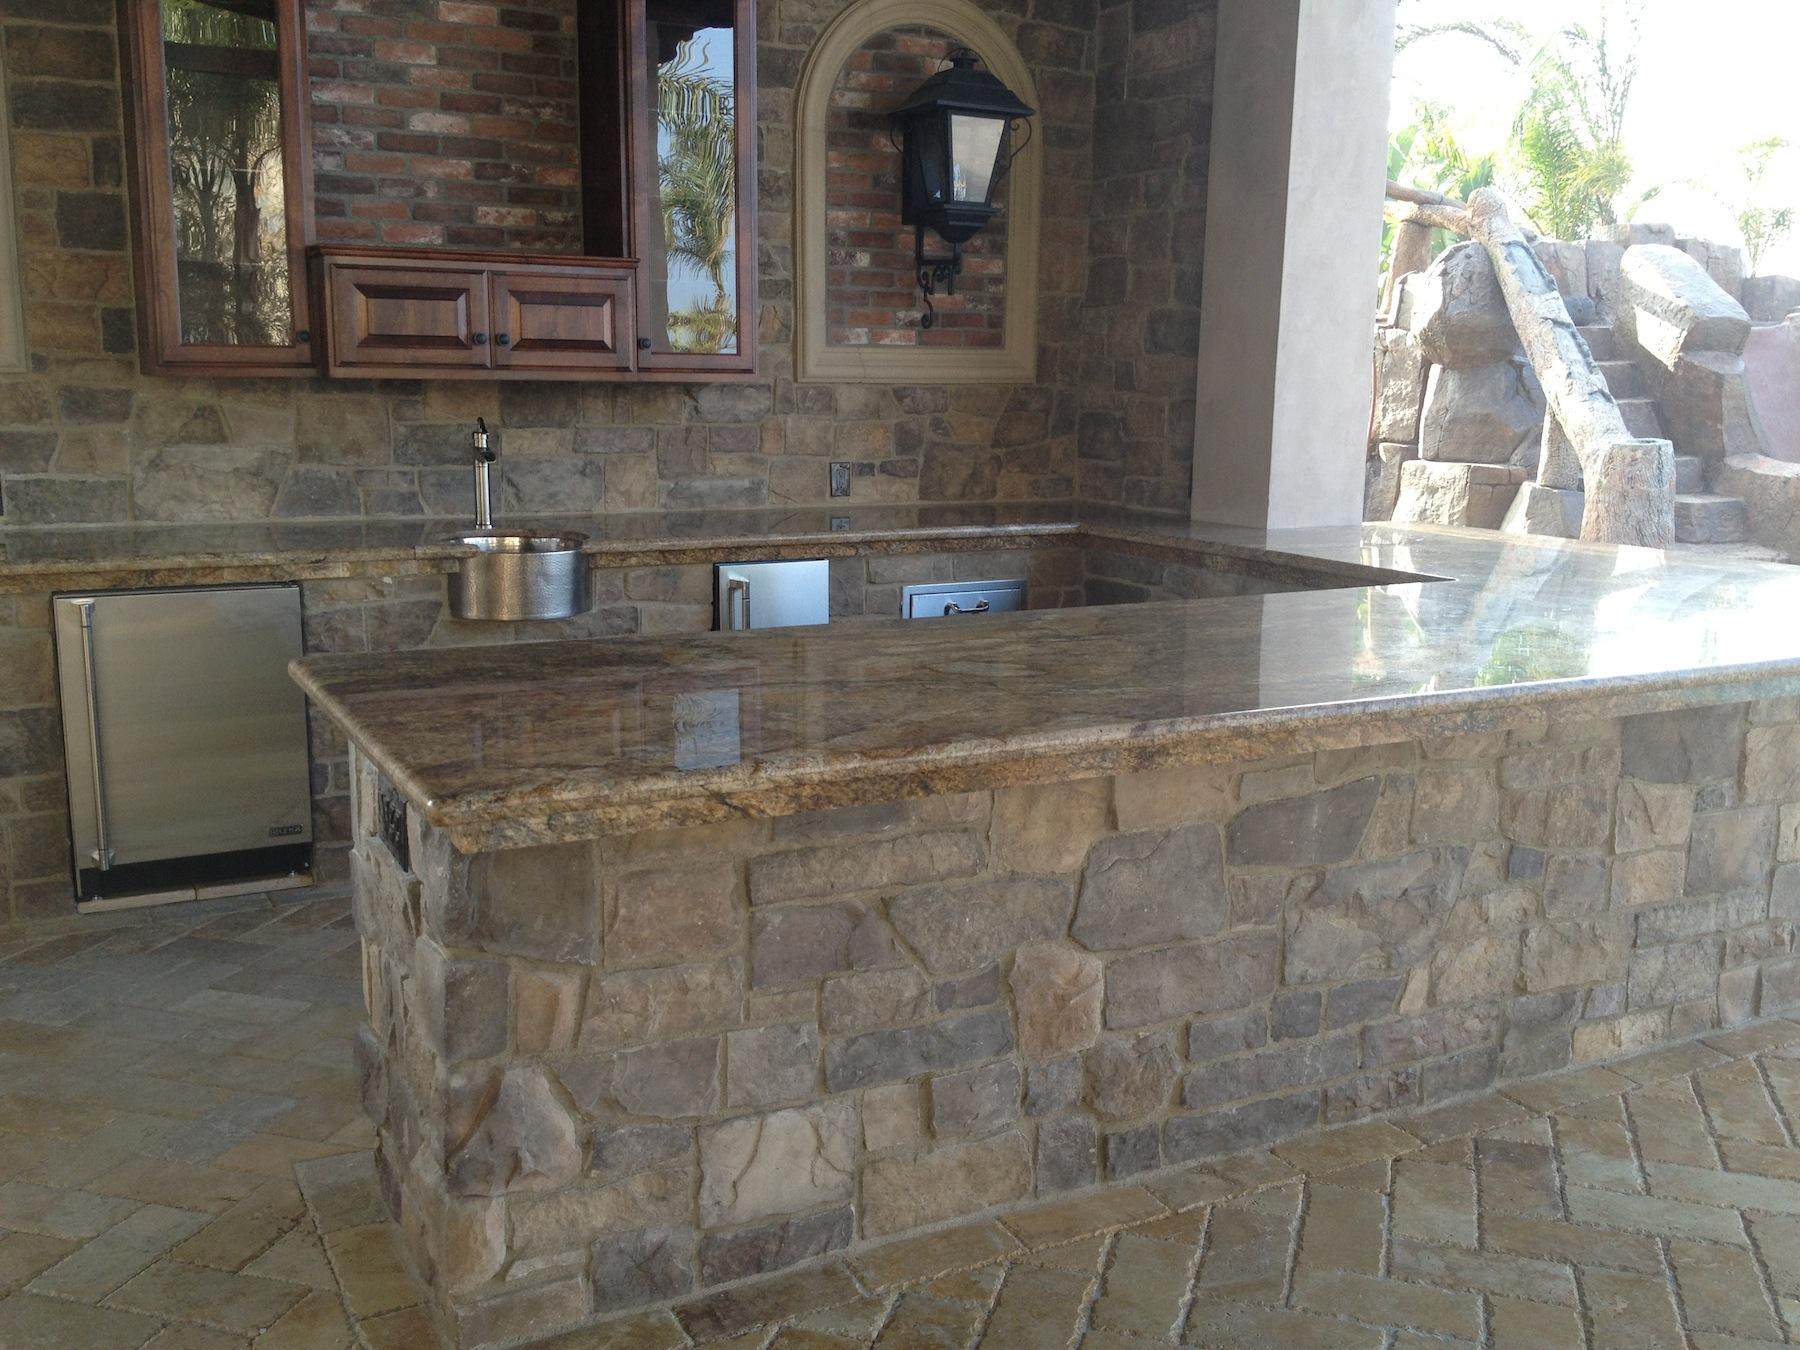 Discount Granite Natural Quartz Countertops Tile In Riverside Ca 92504